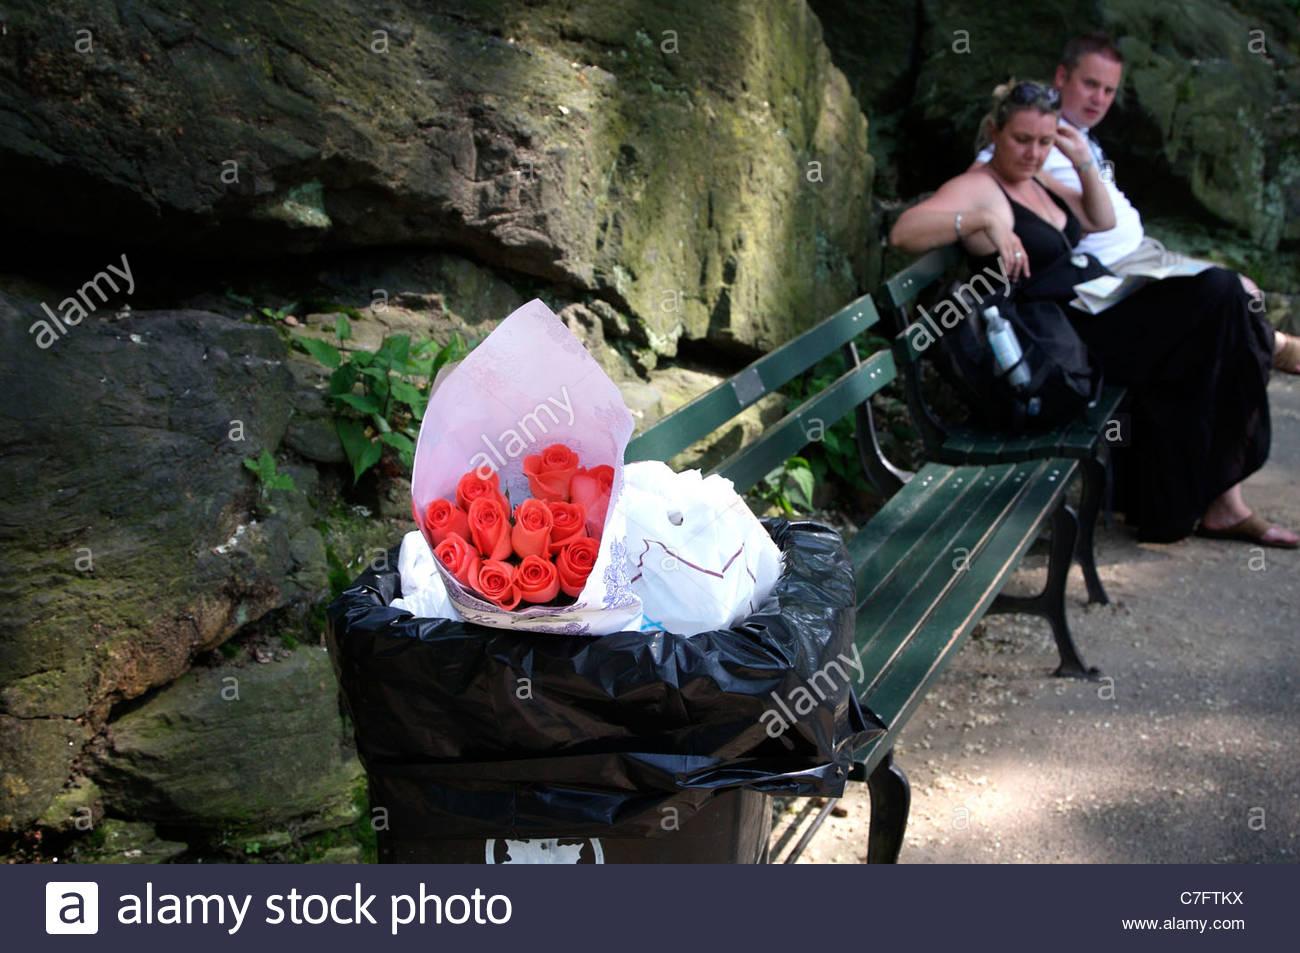 Descarta las rosas en una papelera en Central Park, Nueva York, EE.UU. Imagen De Stock